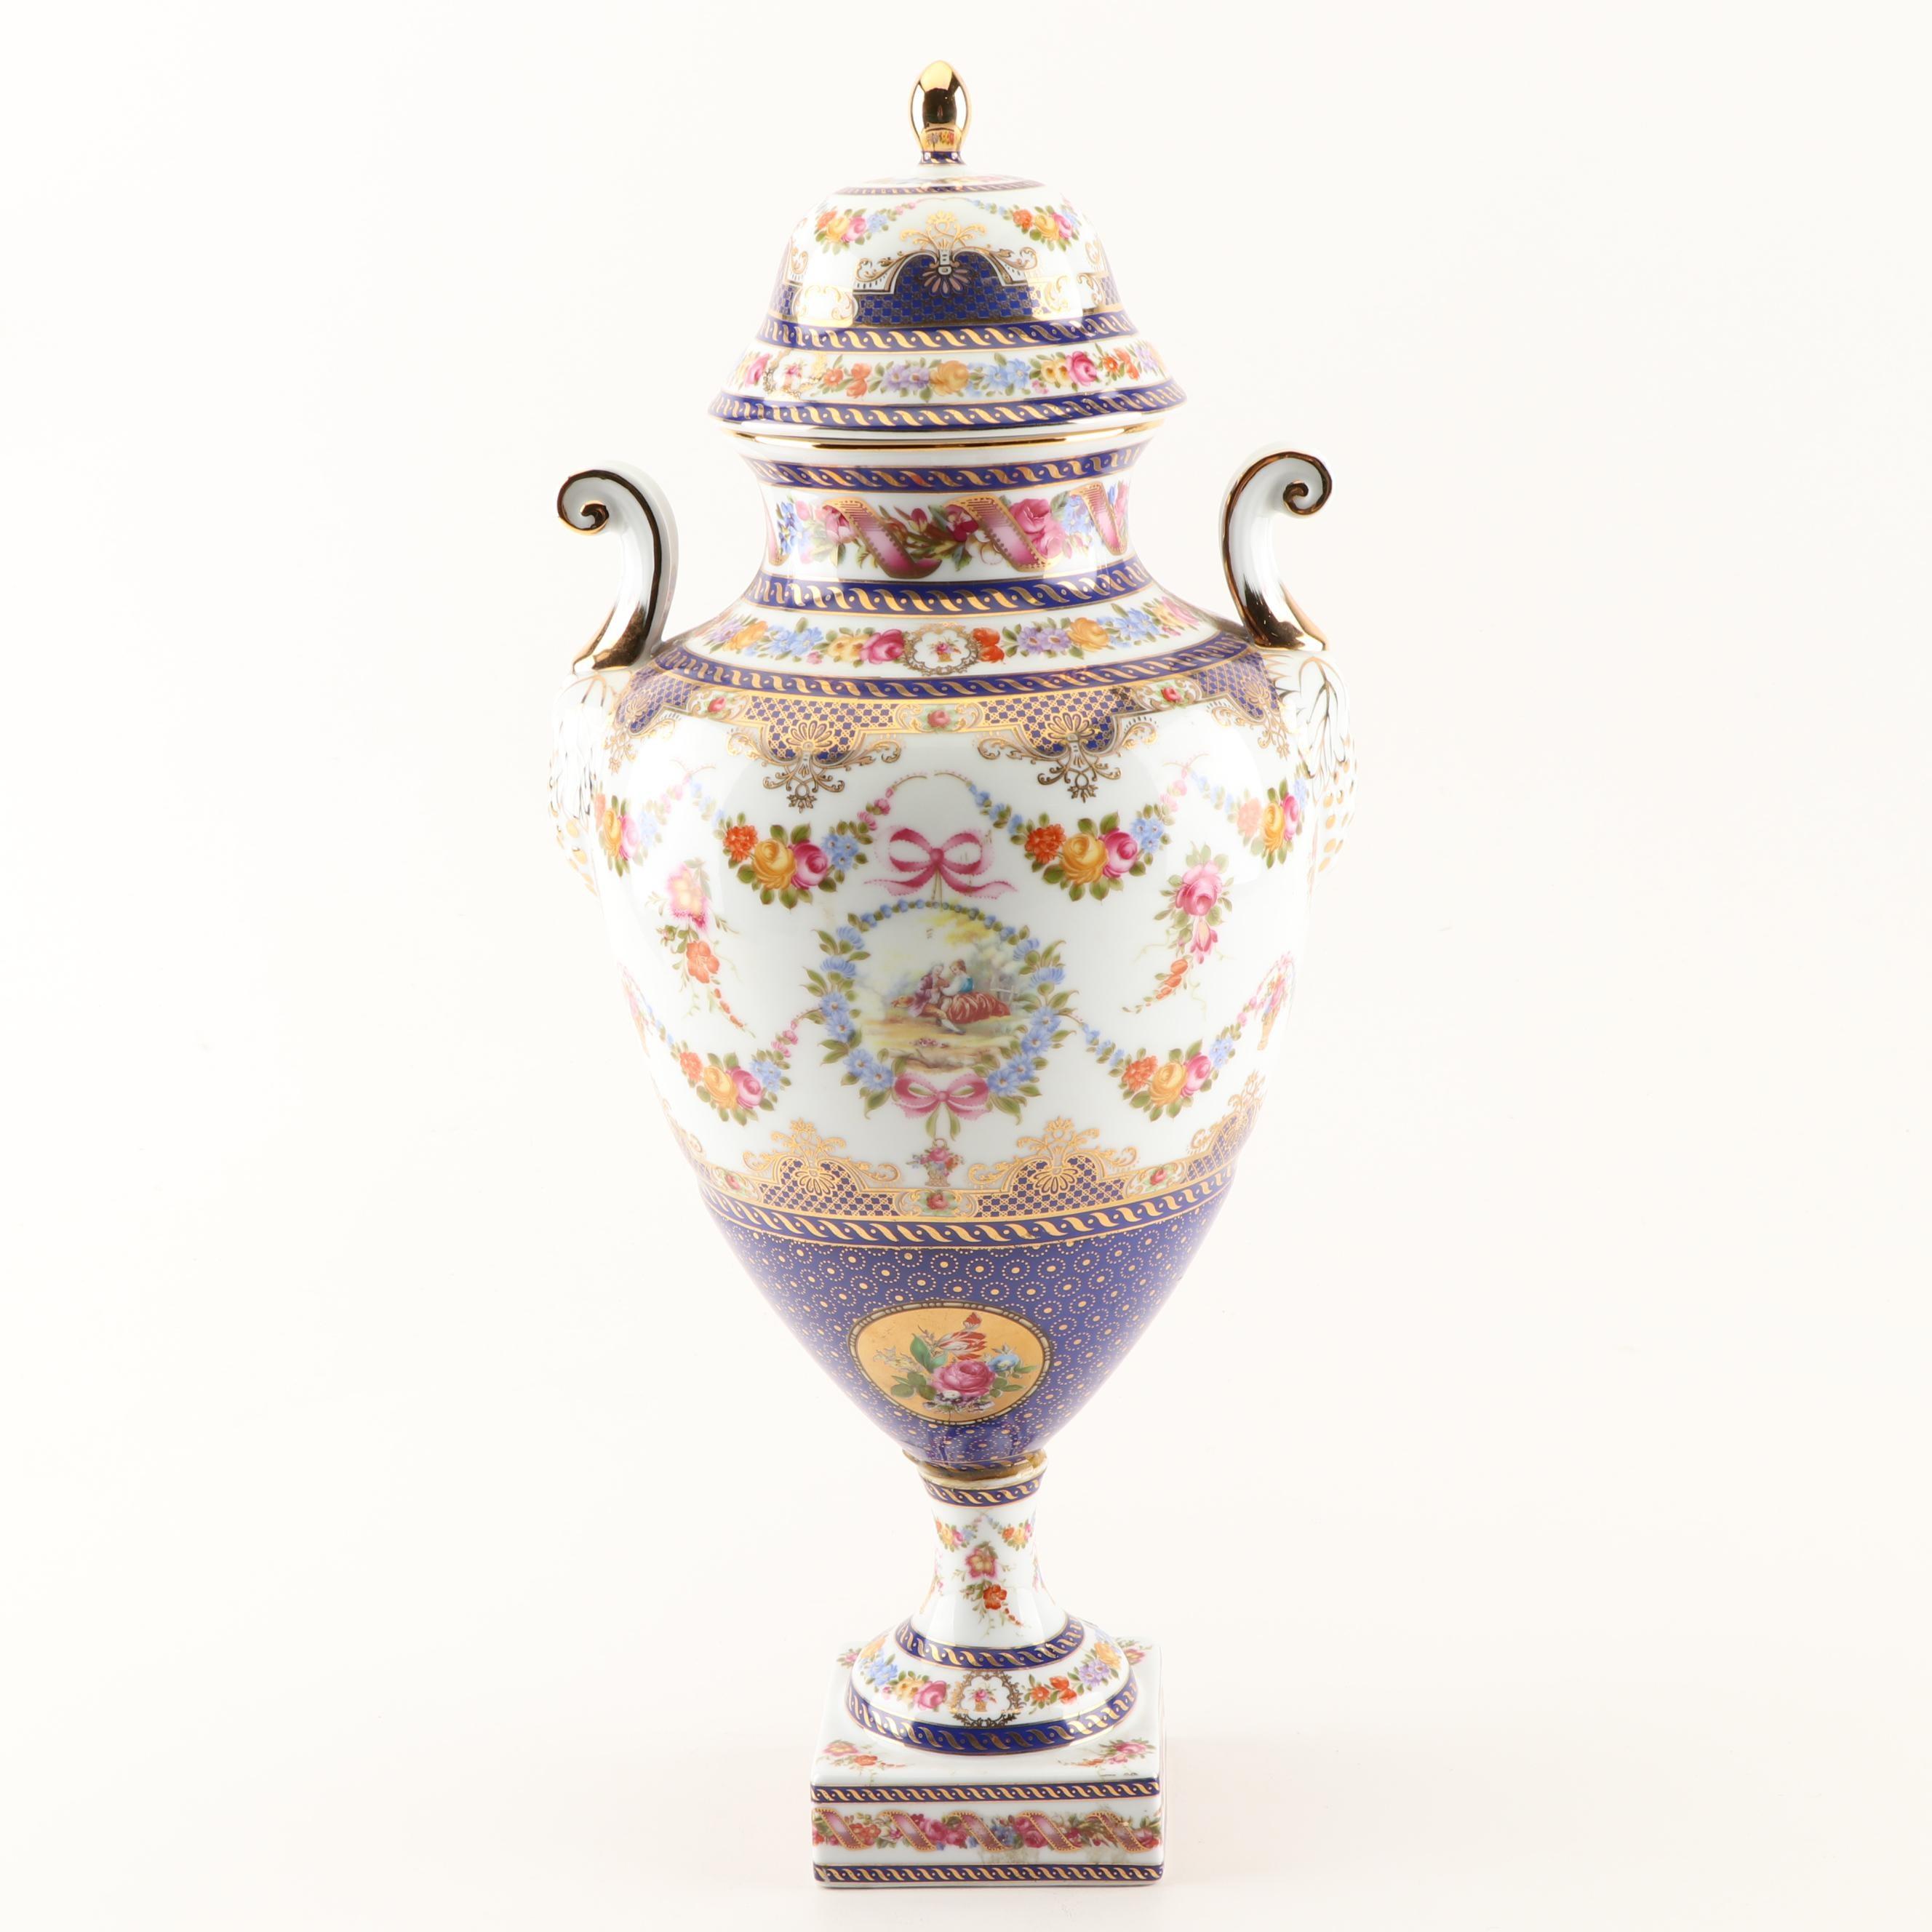 Gilt Porcelain Urn with Floral Designs